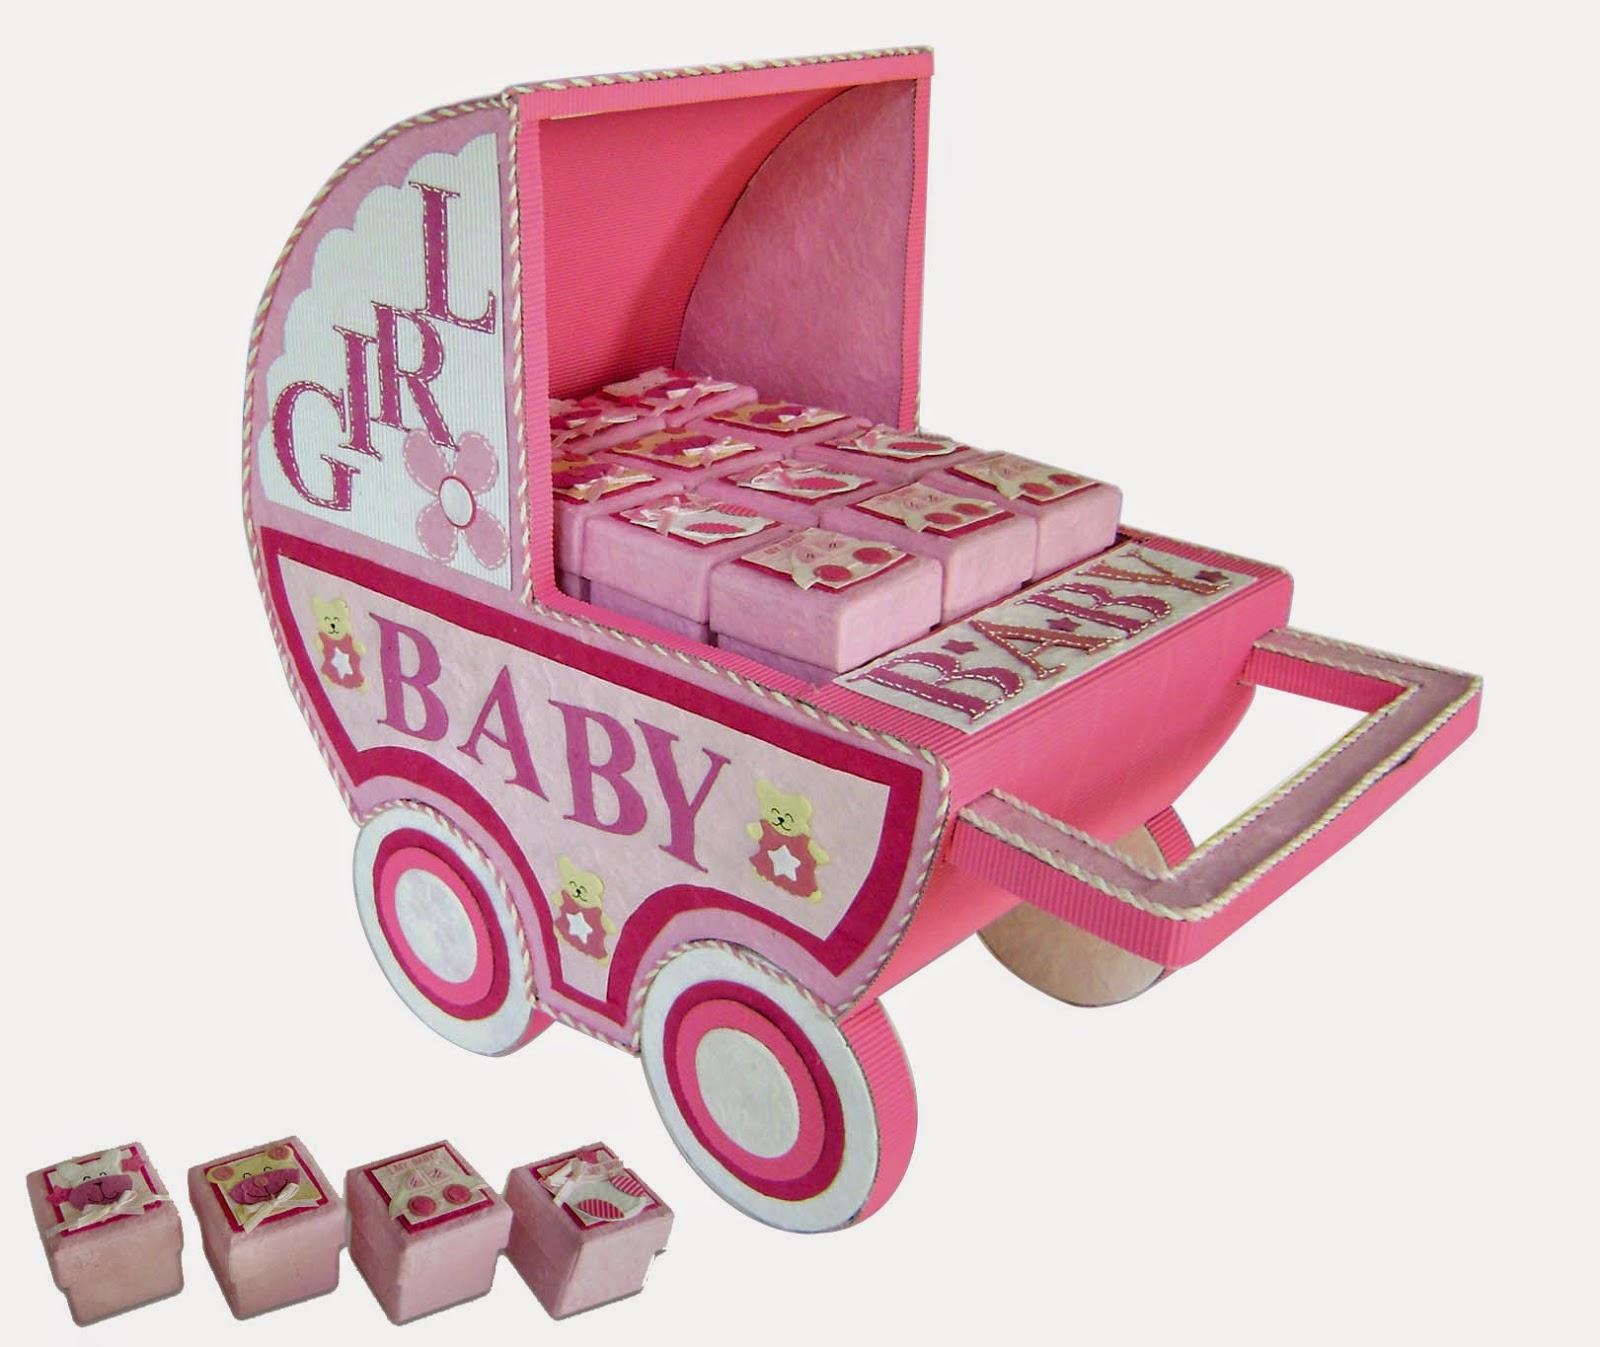 http://latiendadekloe.es/complementos-bautizo/347-cochecito-baby.html